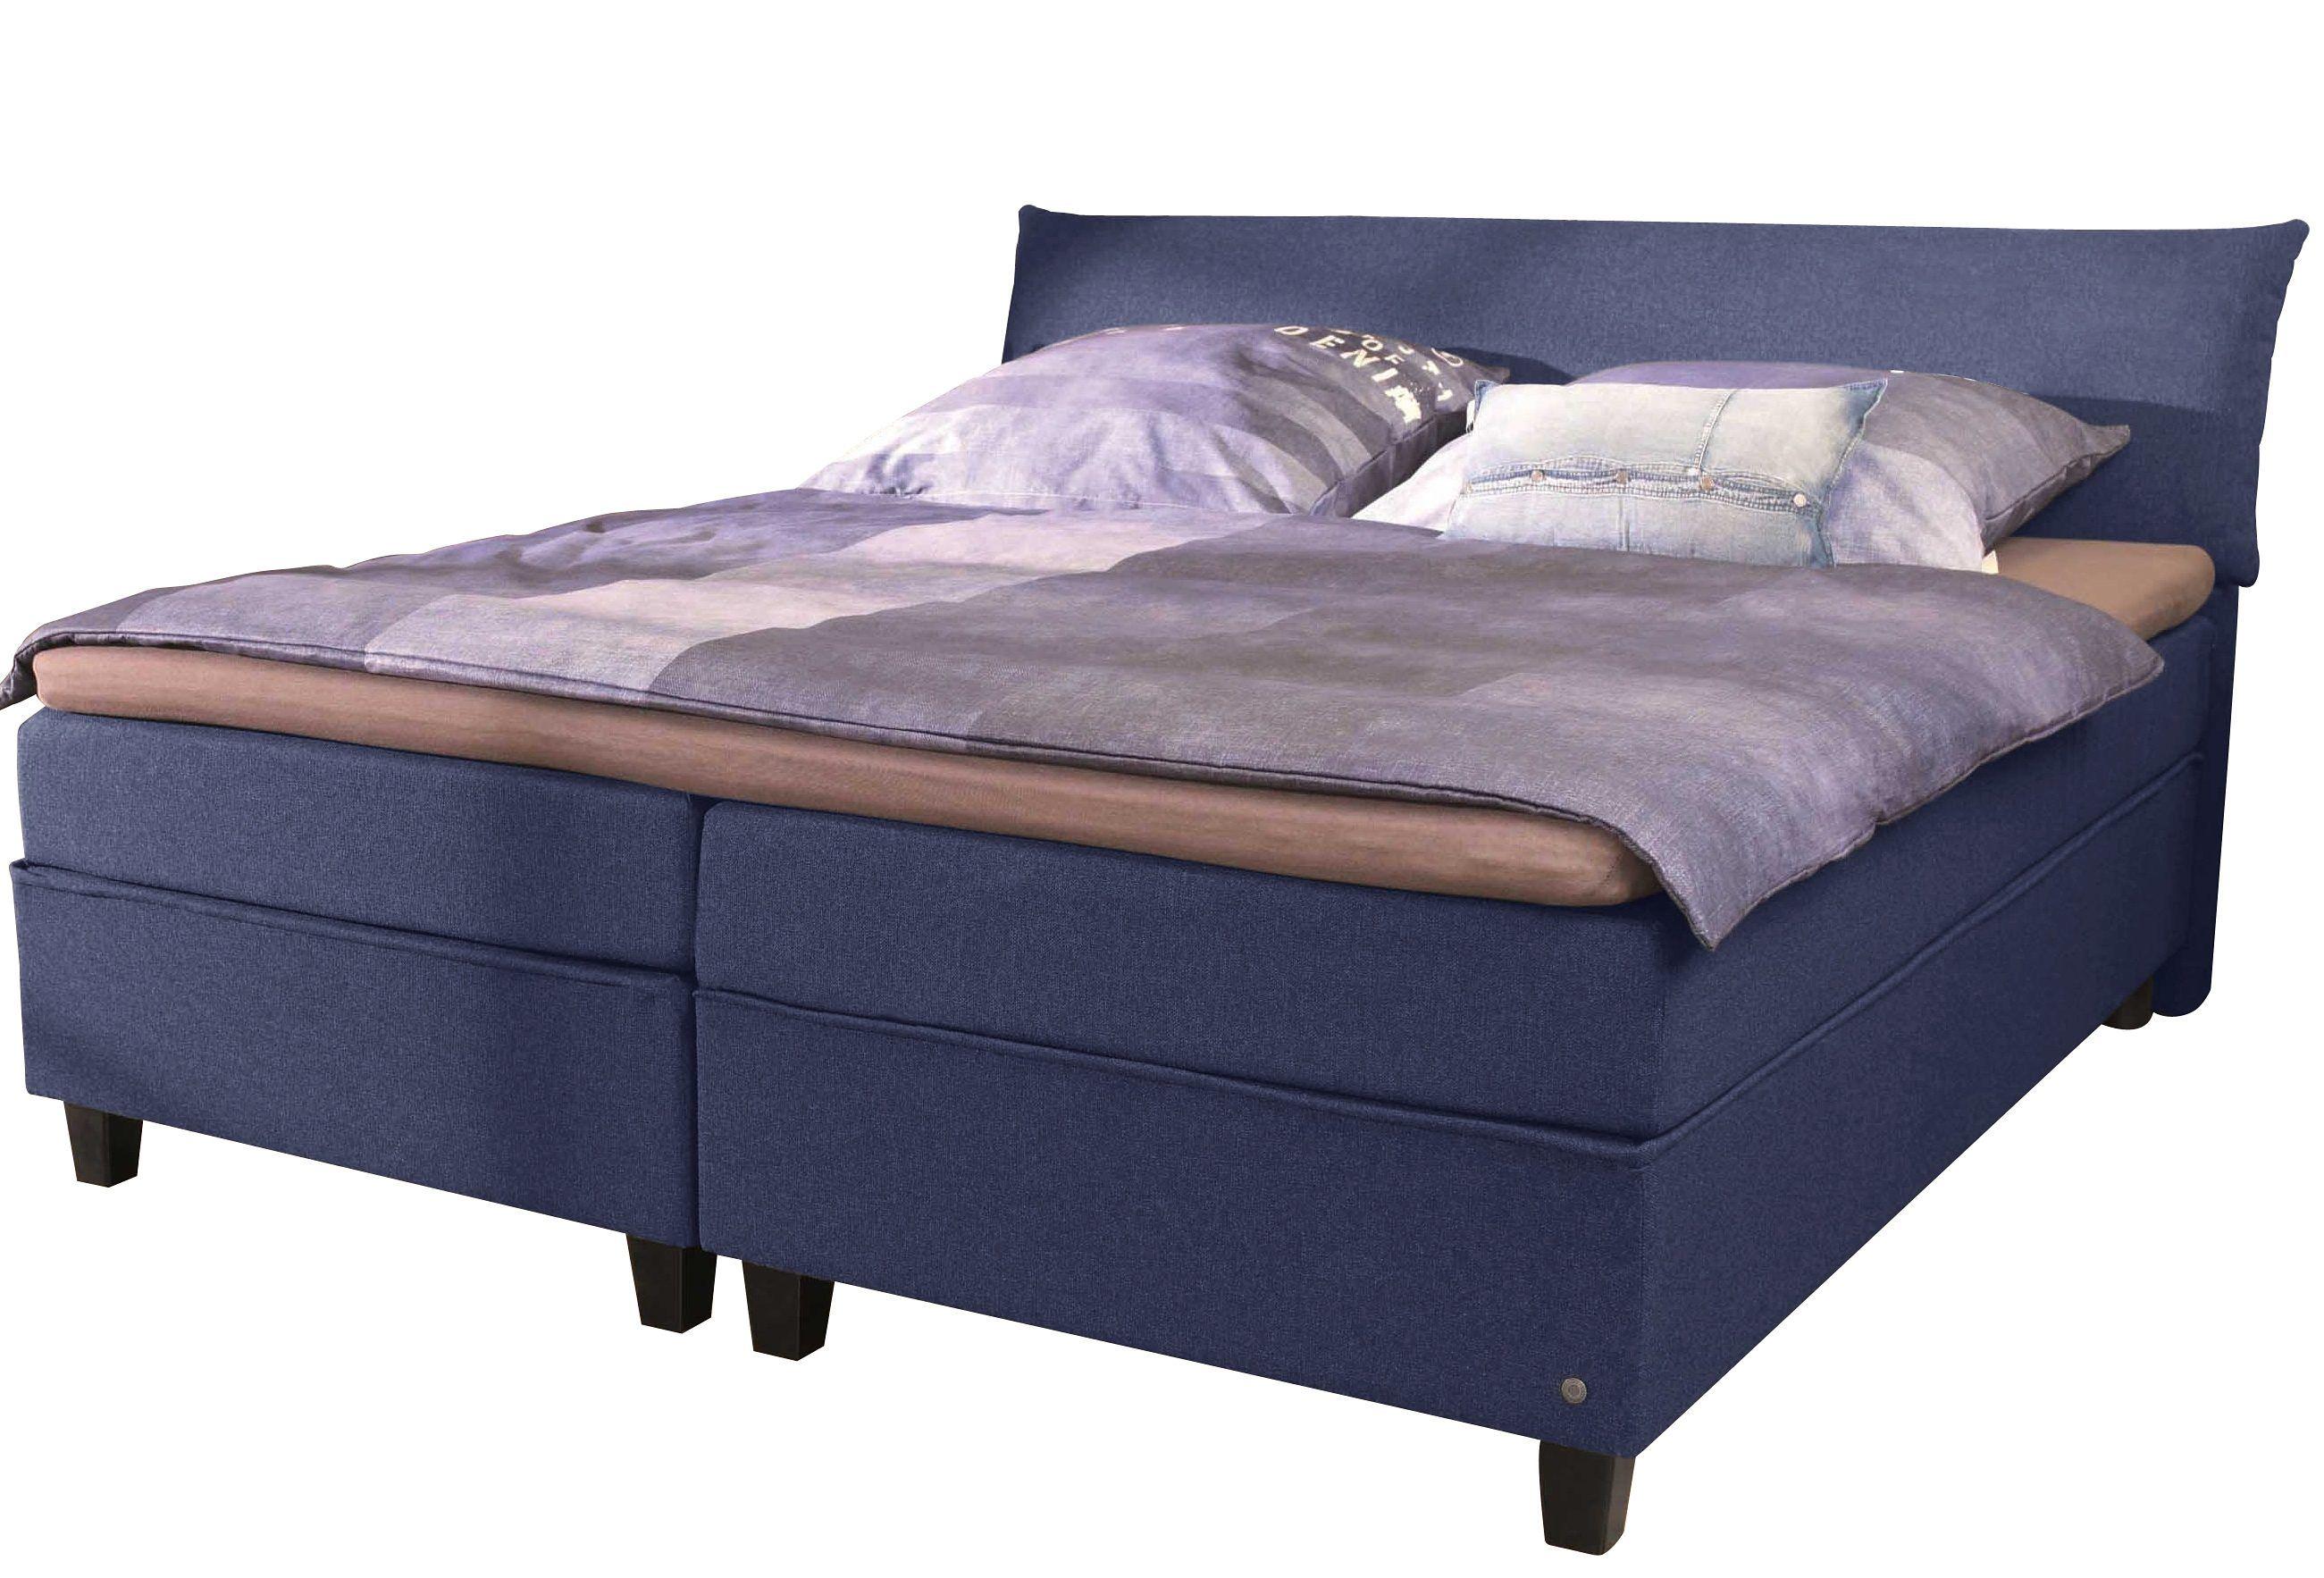 Cool Ausgefallene Betten Referenz Von Explore These Ideas And More!